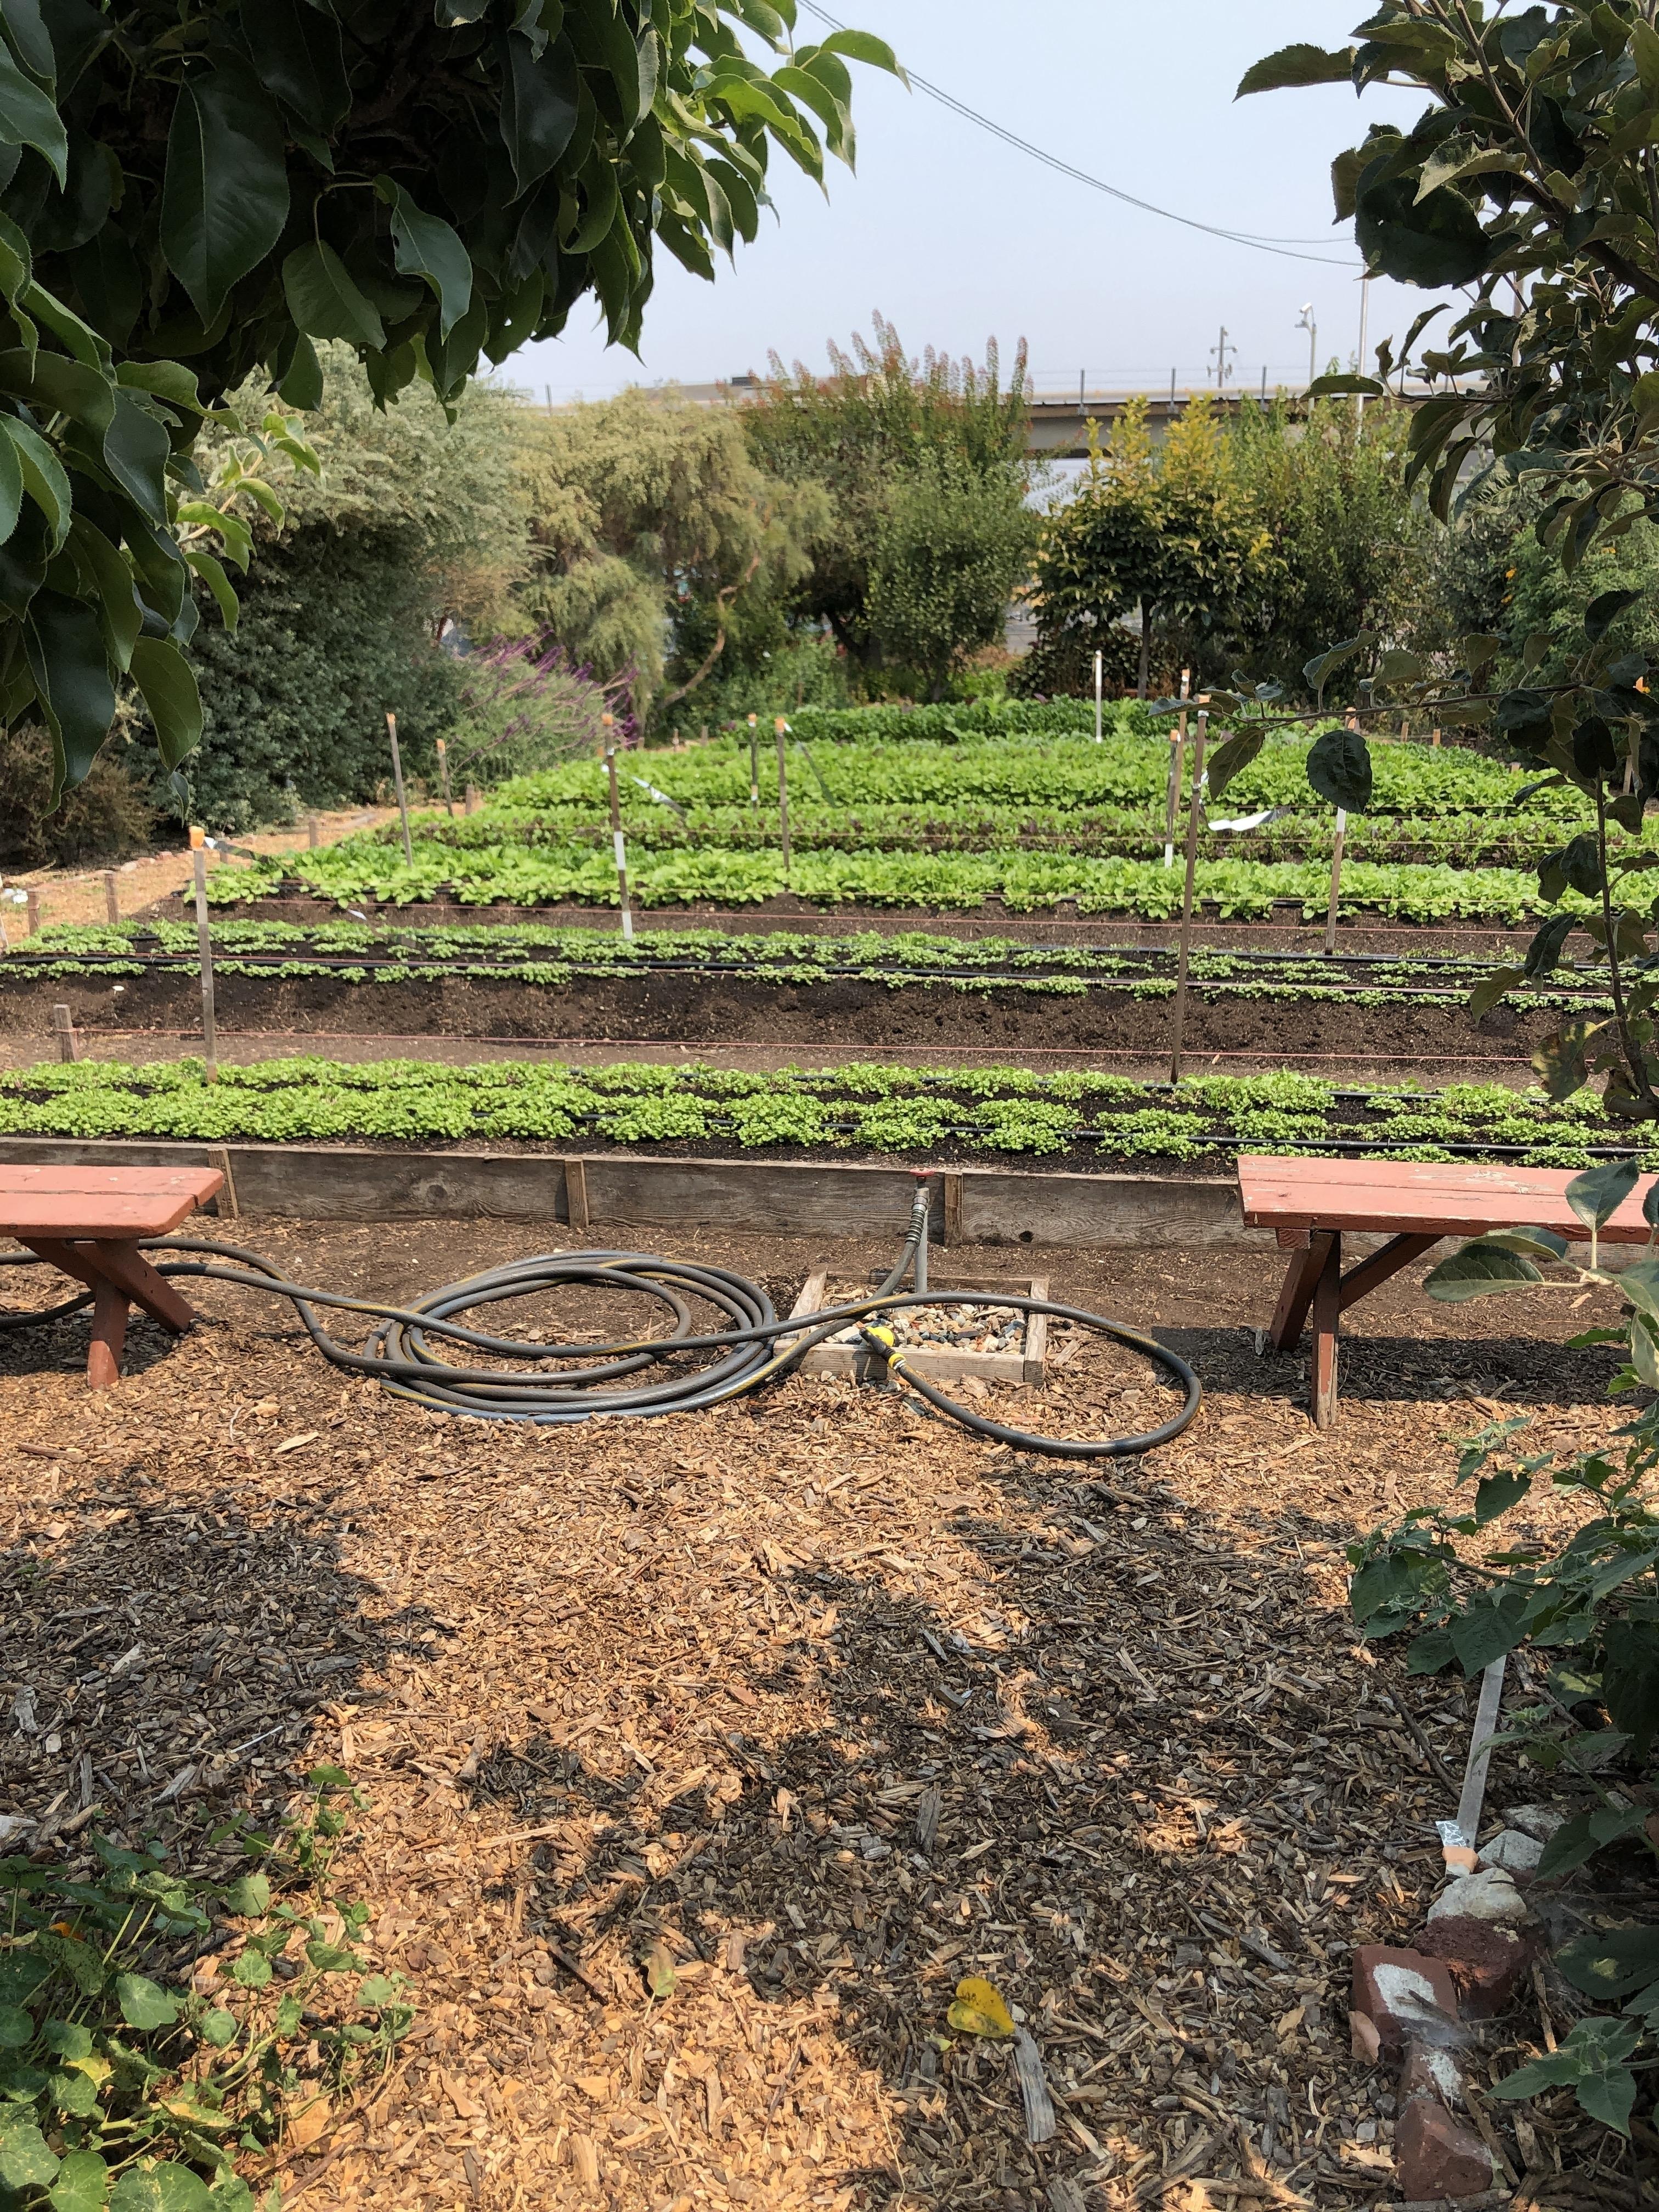 WOW Farm is Now a Project of Acta Non Verba! - Acta Non Verba